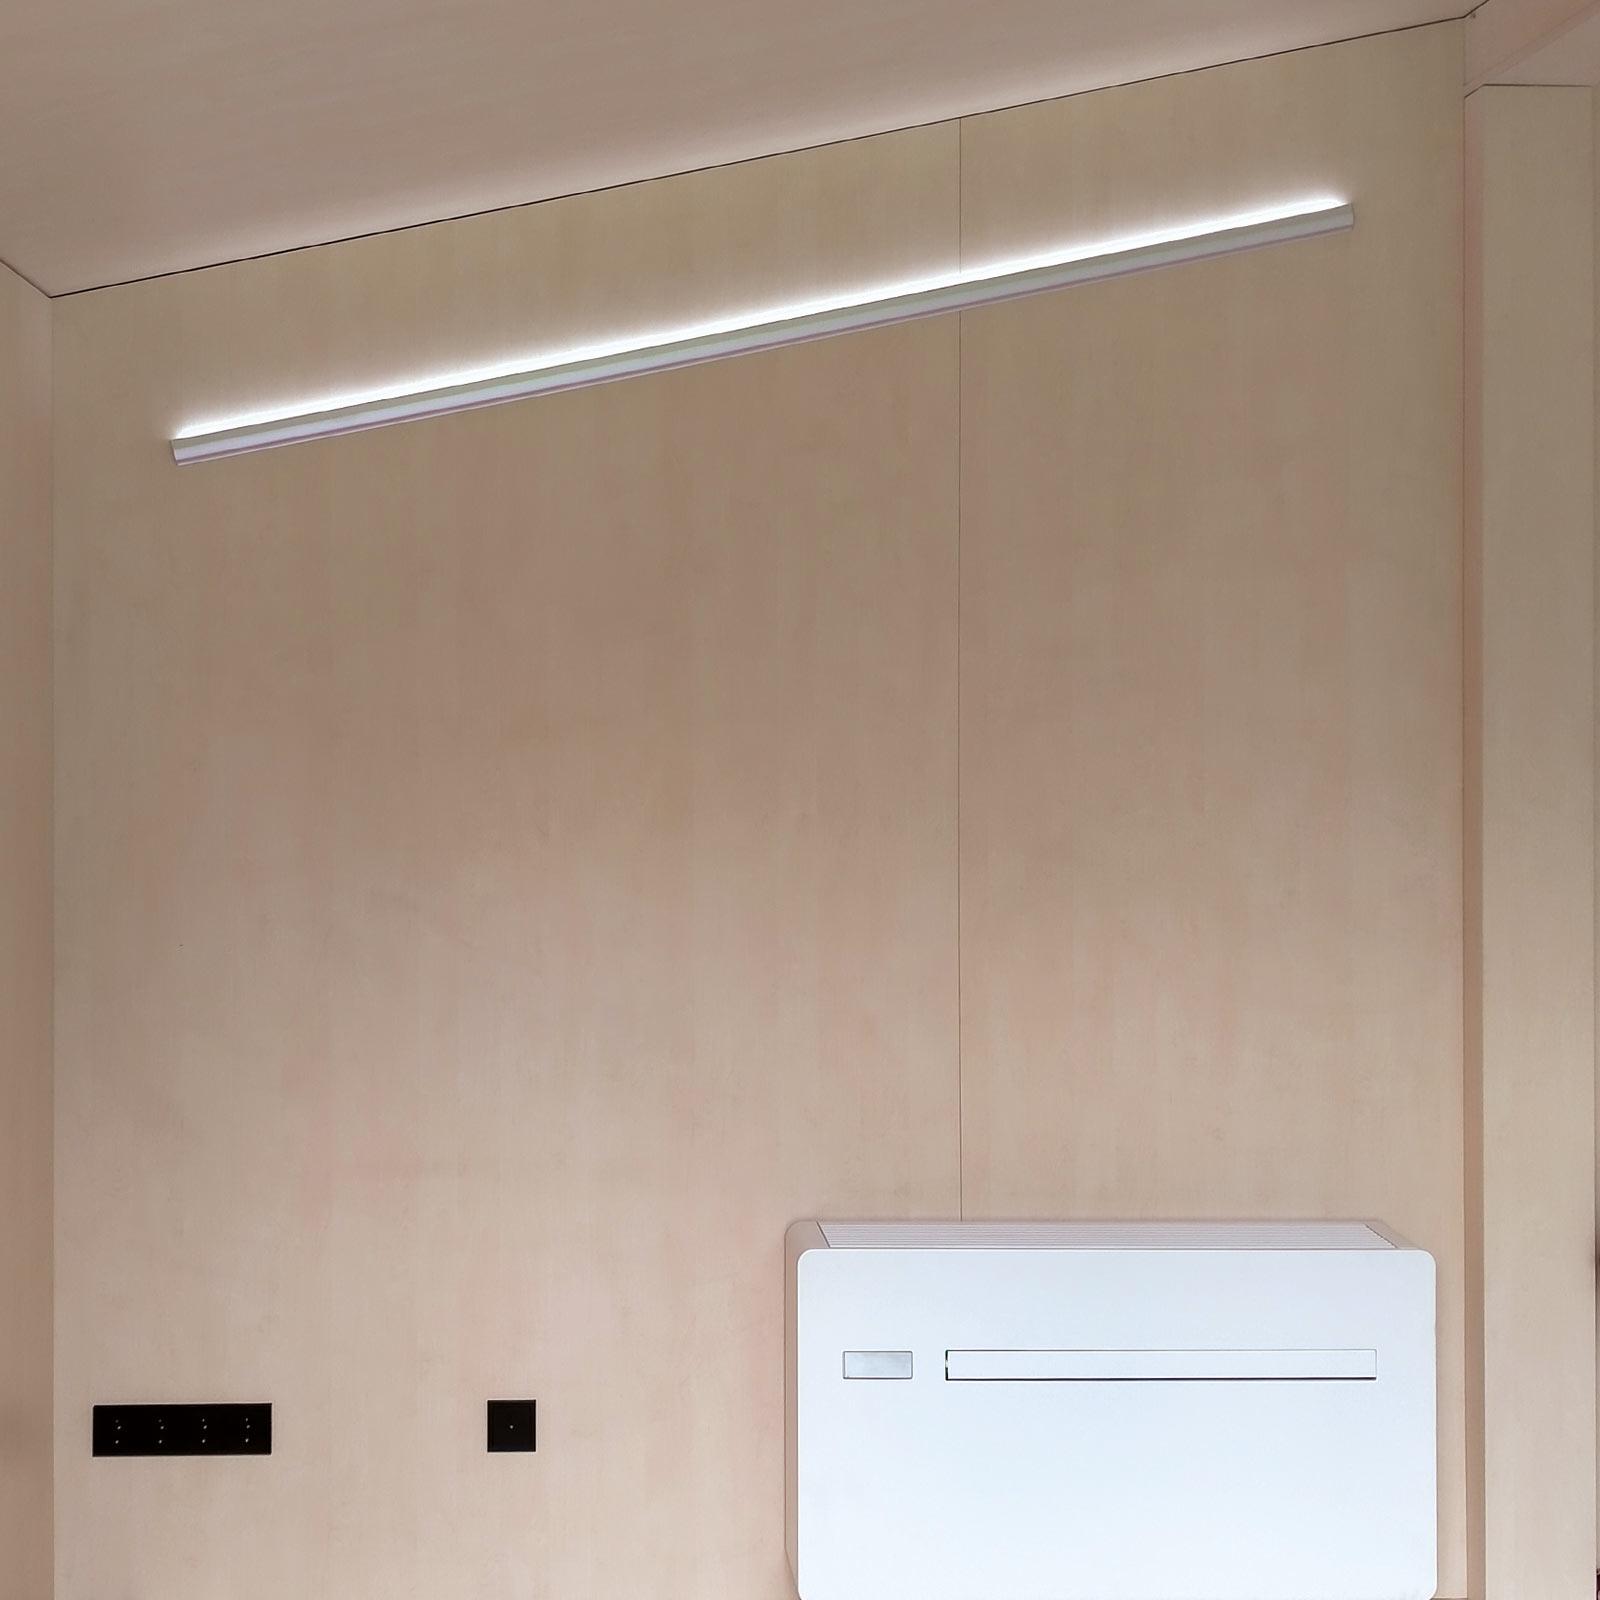 ZaaK® ZDL3 van binnen met lichtbalk en klimaatinstallatie.